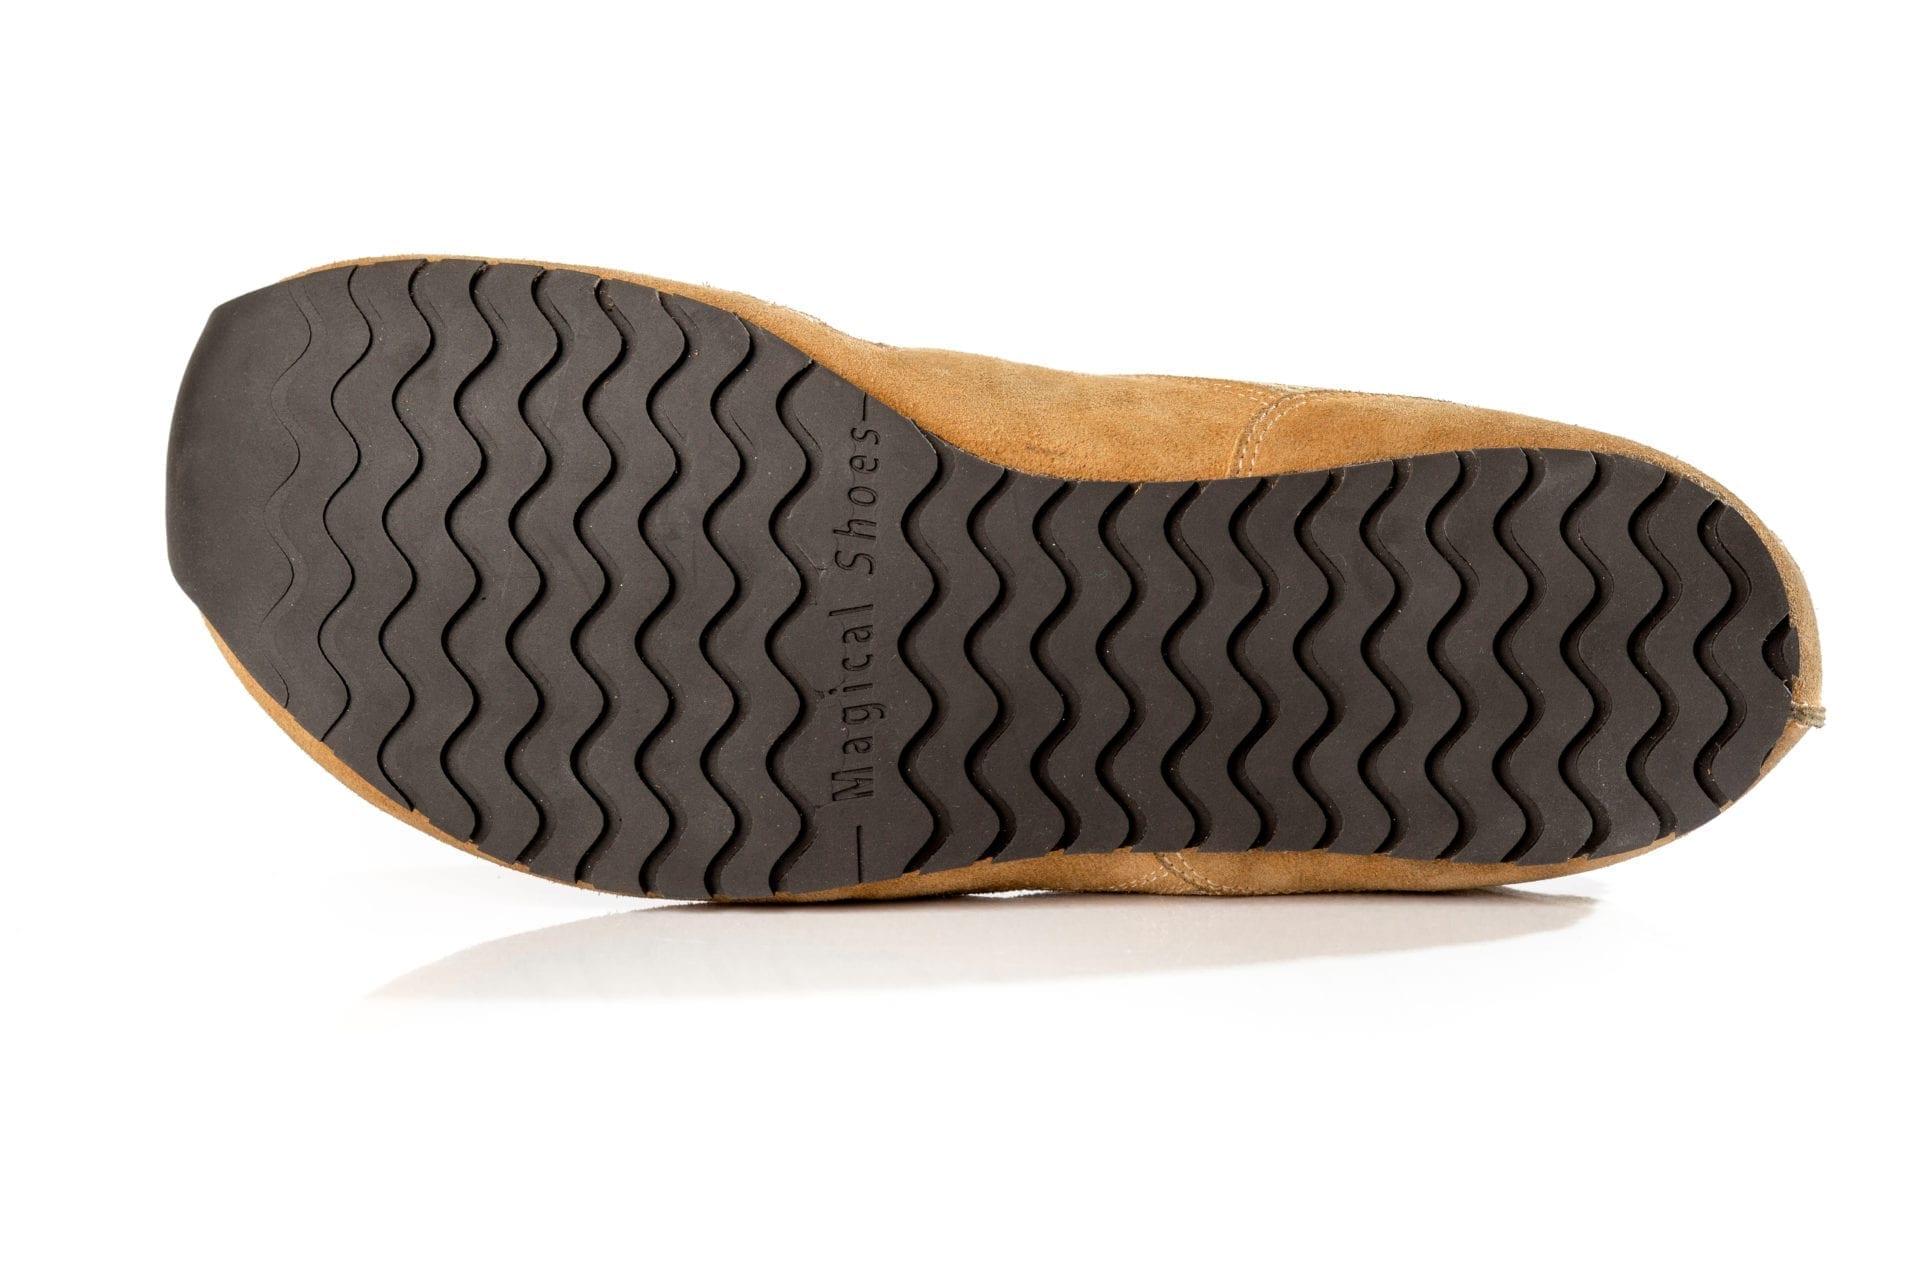 Barfußschuh-Hersteller Magical Shoes Explorer Hot Sun  Barfußschuhe für natürliches und gesundes Gehen & Laufen  breite Zehenbox